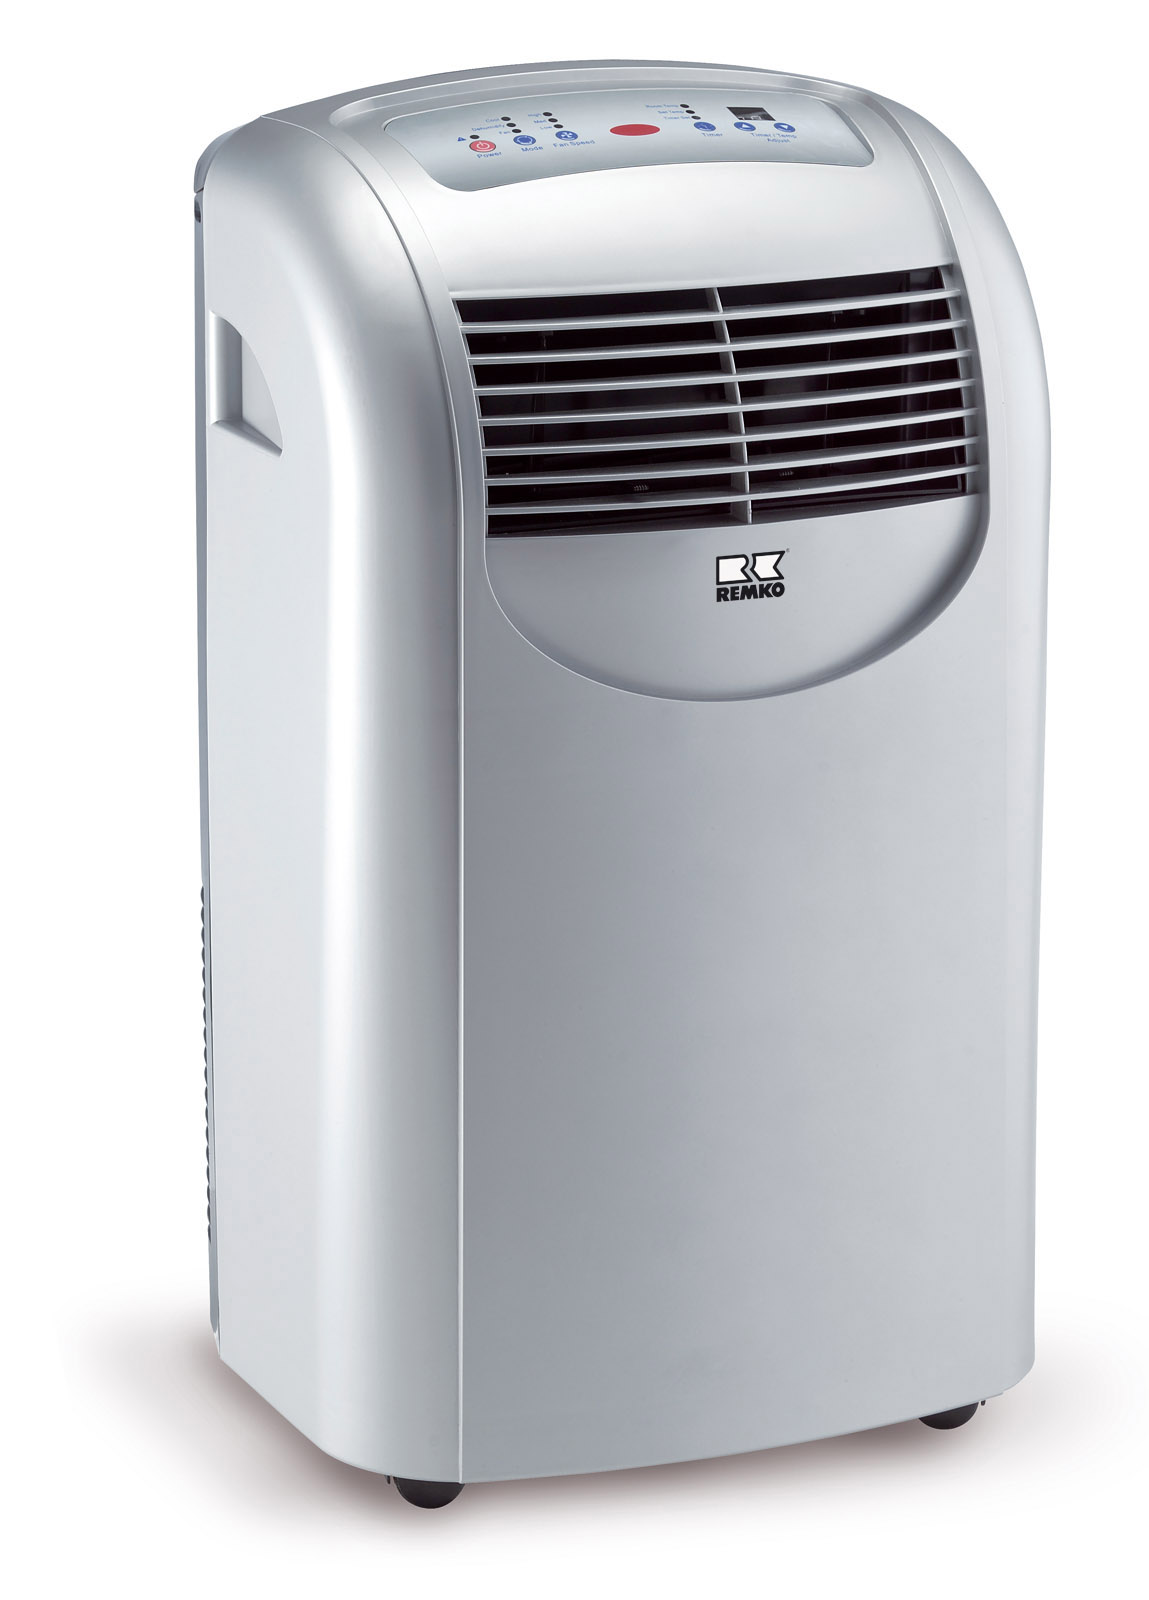 Mobilní klimatizace REMKO MKT291 S-line + Prodloužená záruka 3 roky + PREMIUM Servis Remko